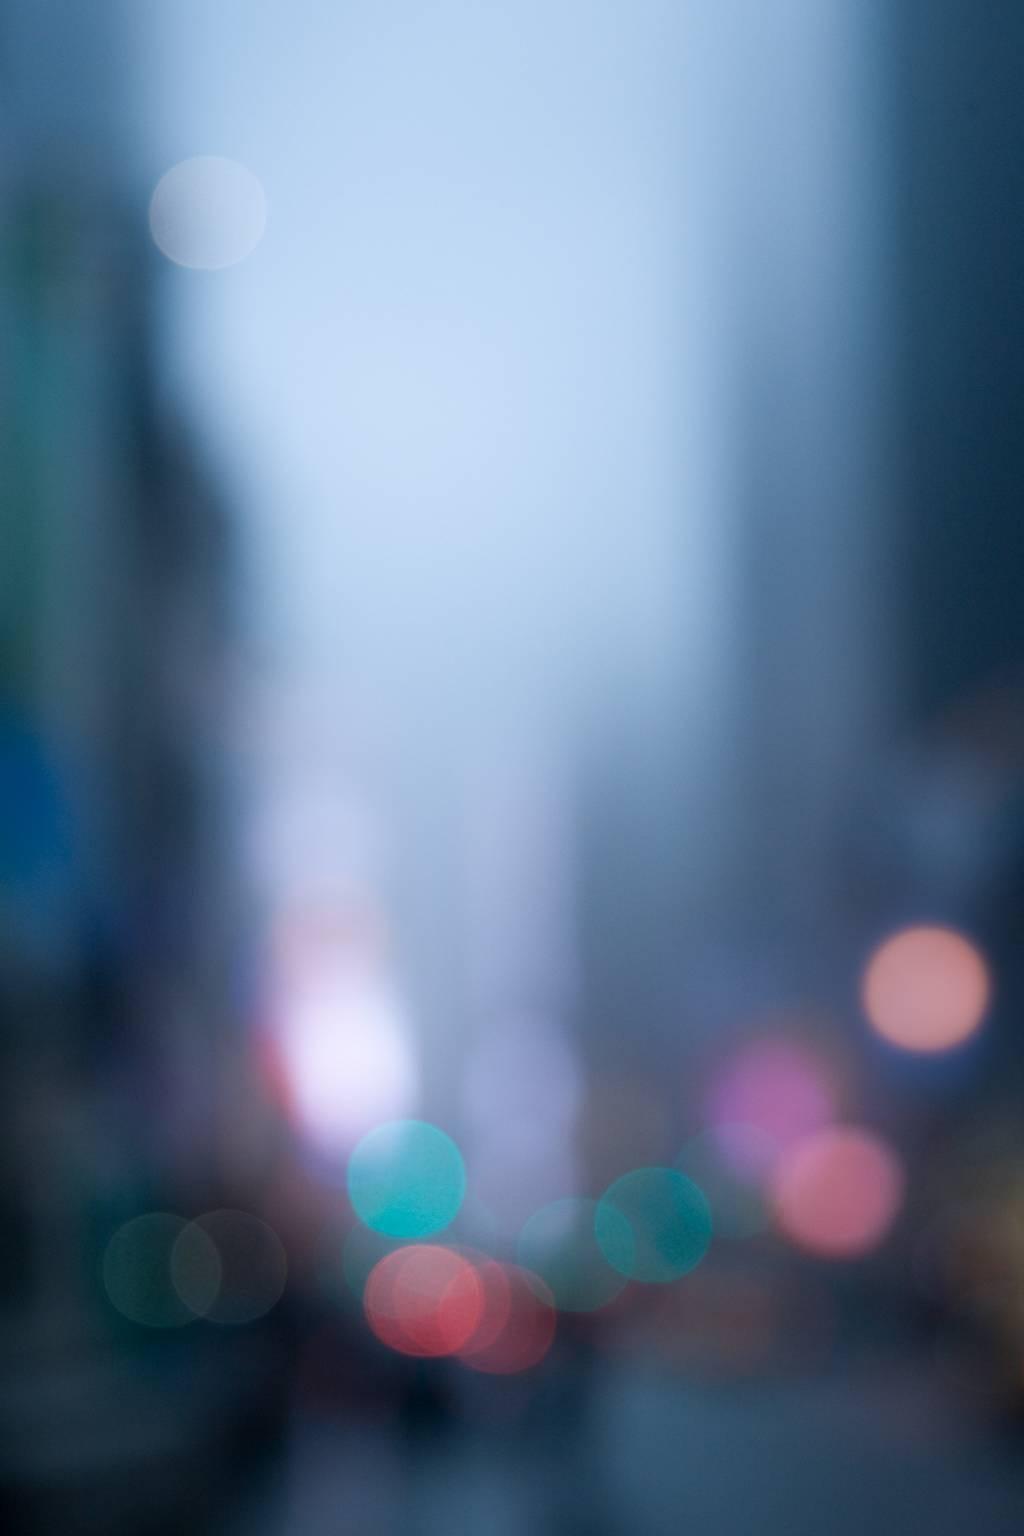 Eva Mueller, City Lights I, 2008, Digital Print